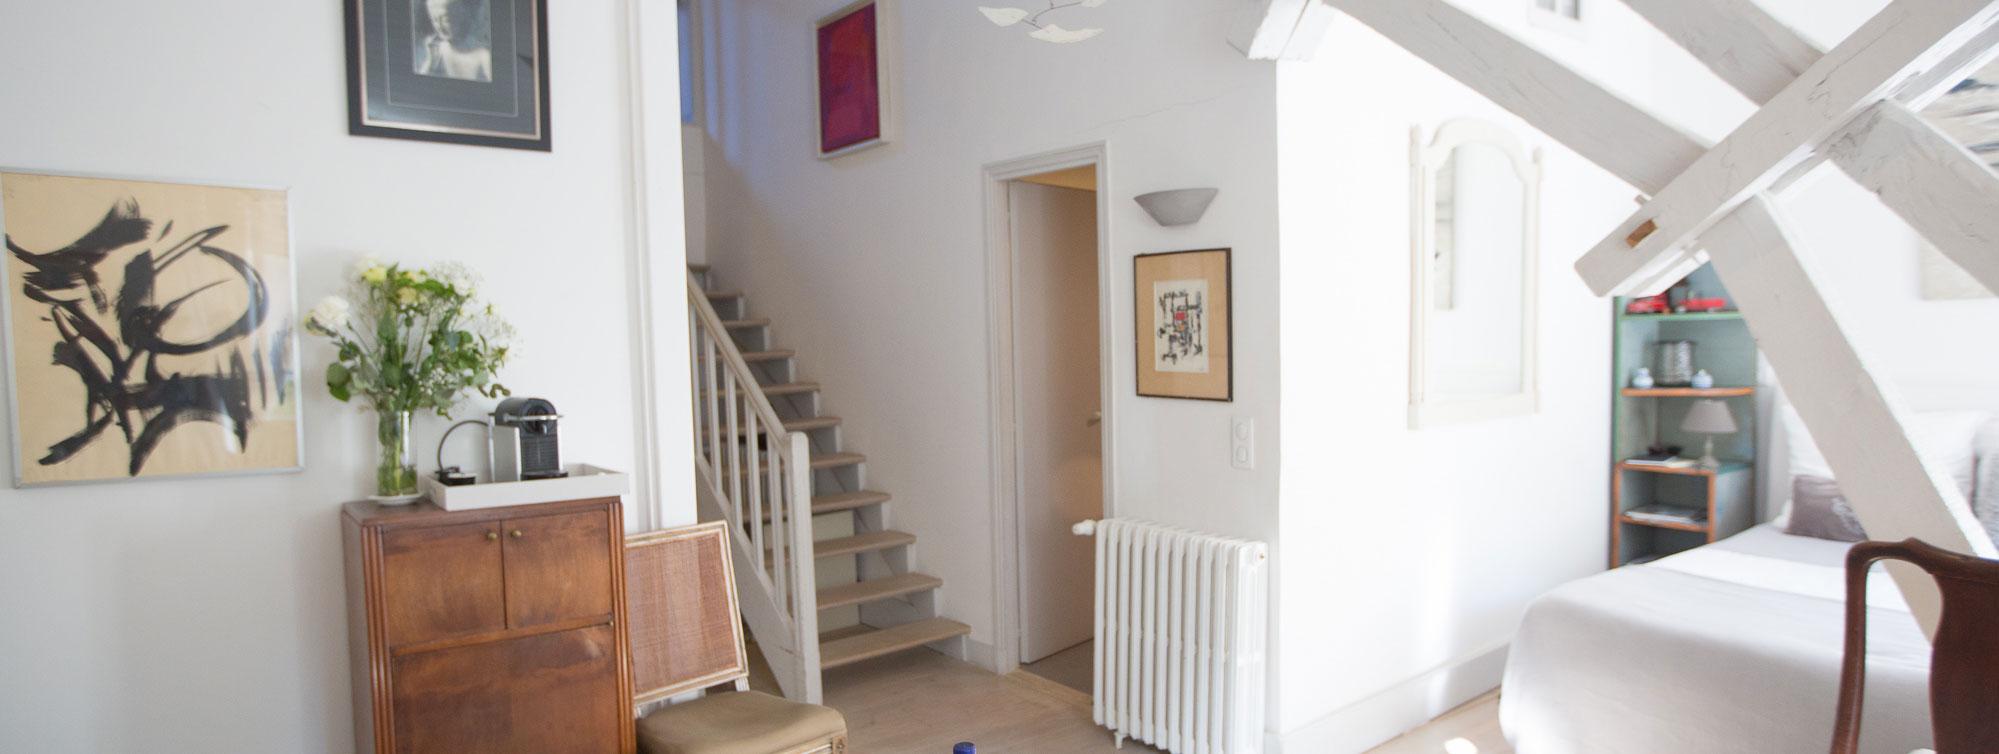 Atelier d'Artiste - Chambre d'hôte Chateau de Maumont ©Samuel La Clef - Chateau de Maumont